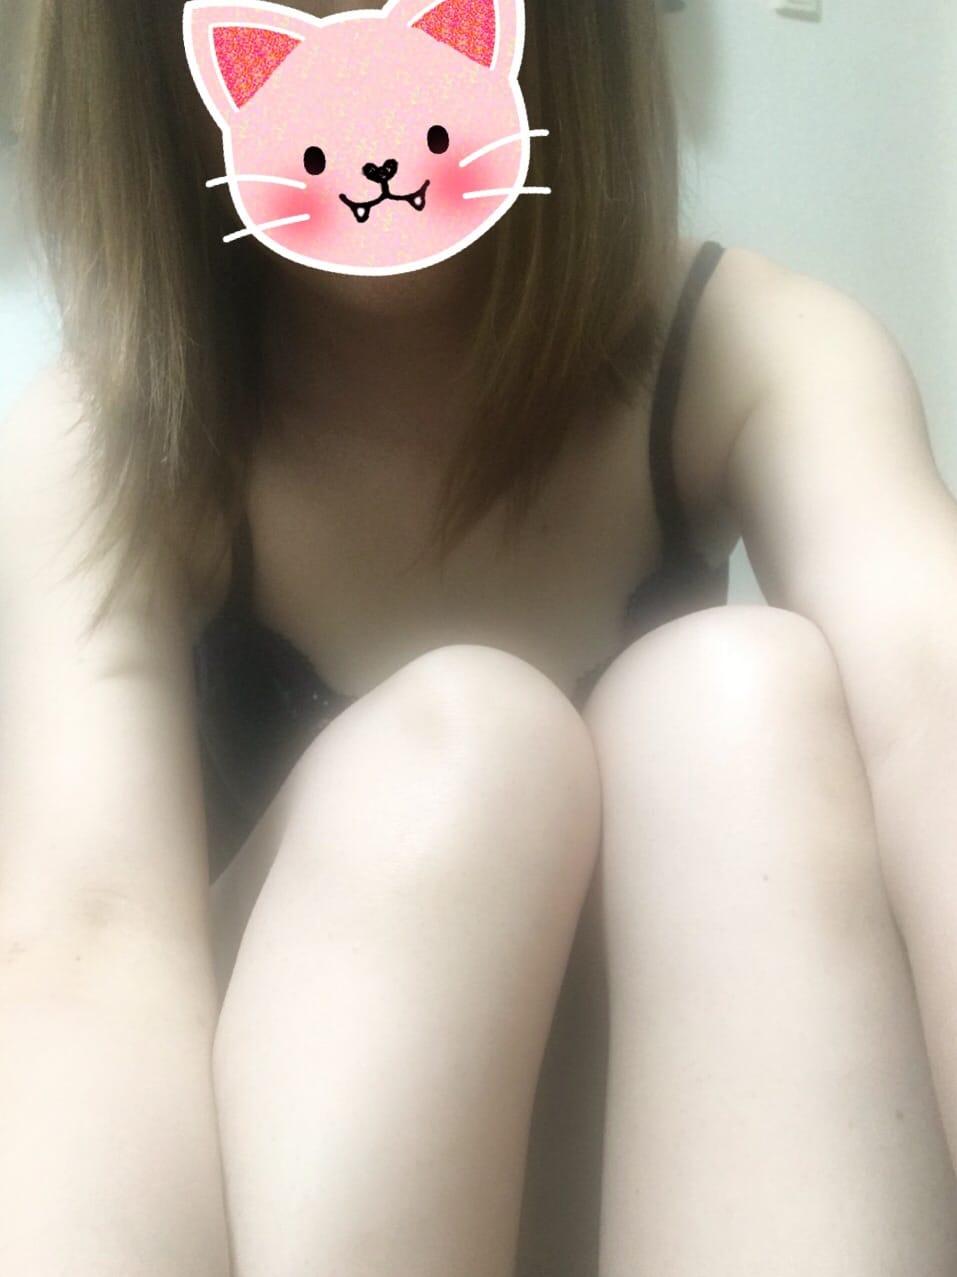 「おはようございます〜」01/29(月) 11:05   吉木 みずなの写メ・風俗動画